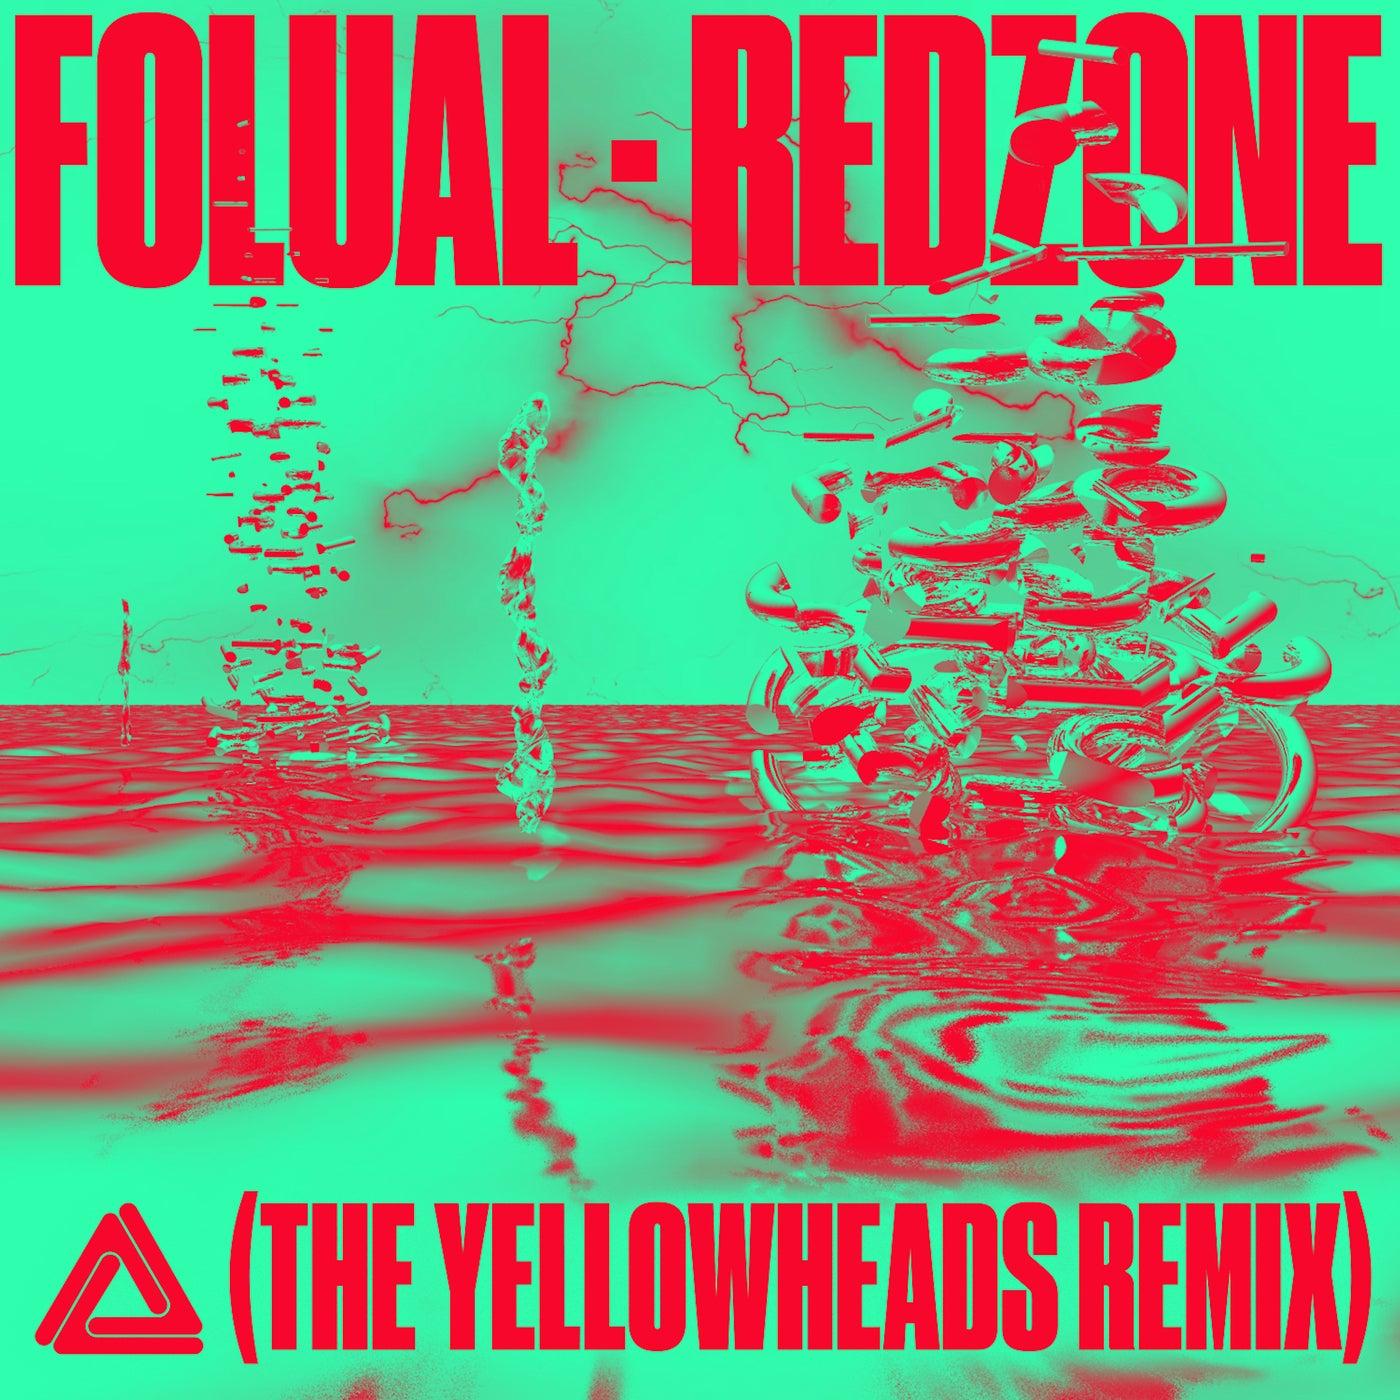 Red Zone (The YellowHeads Remix)